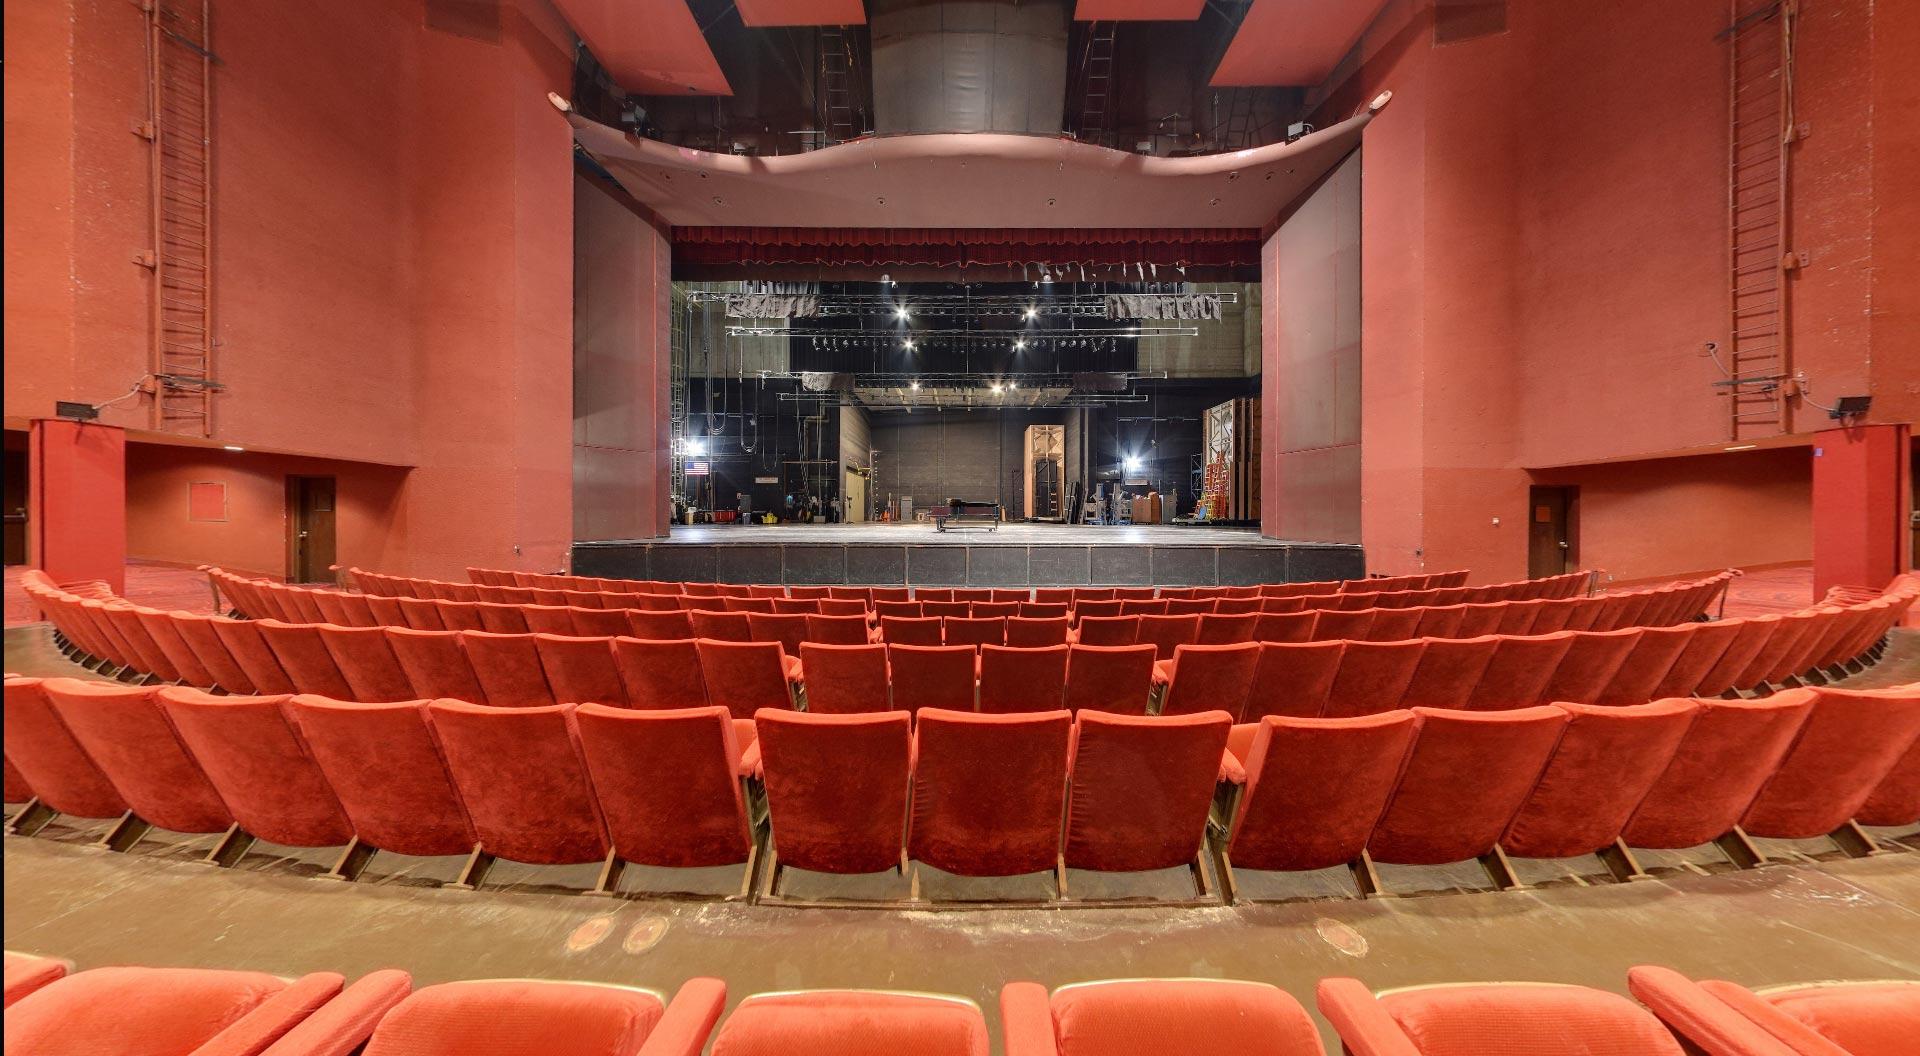 San Diego Civic Theatre 360niche